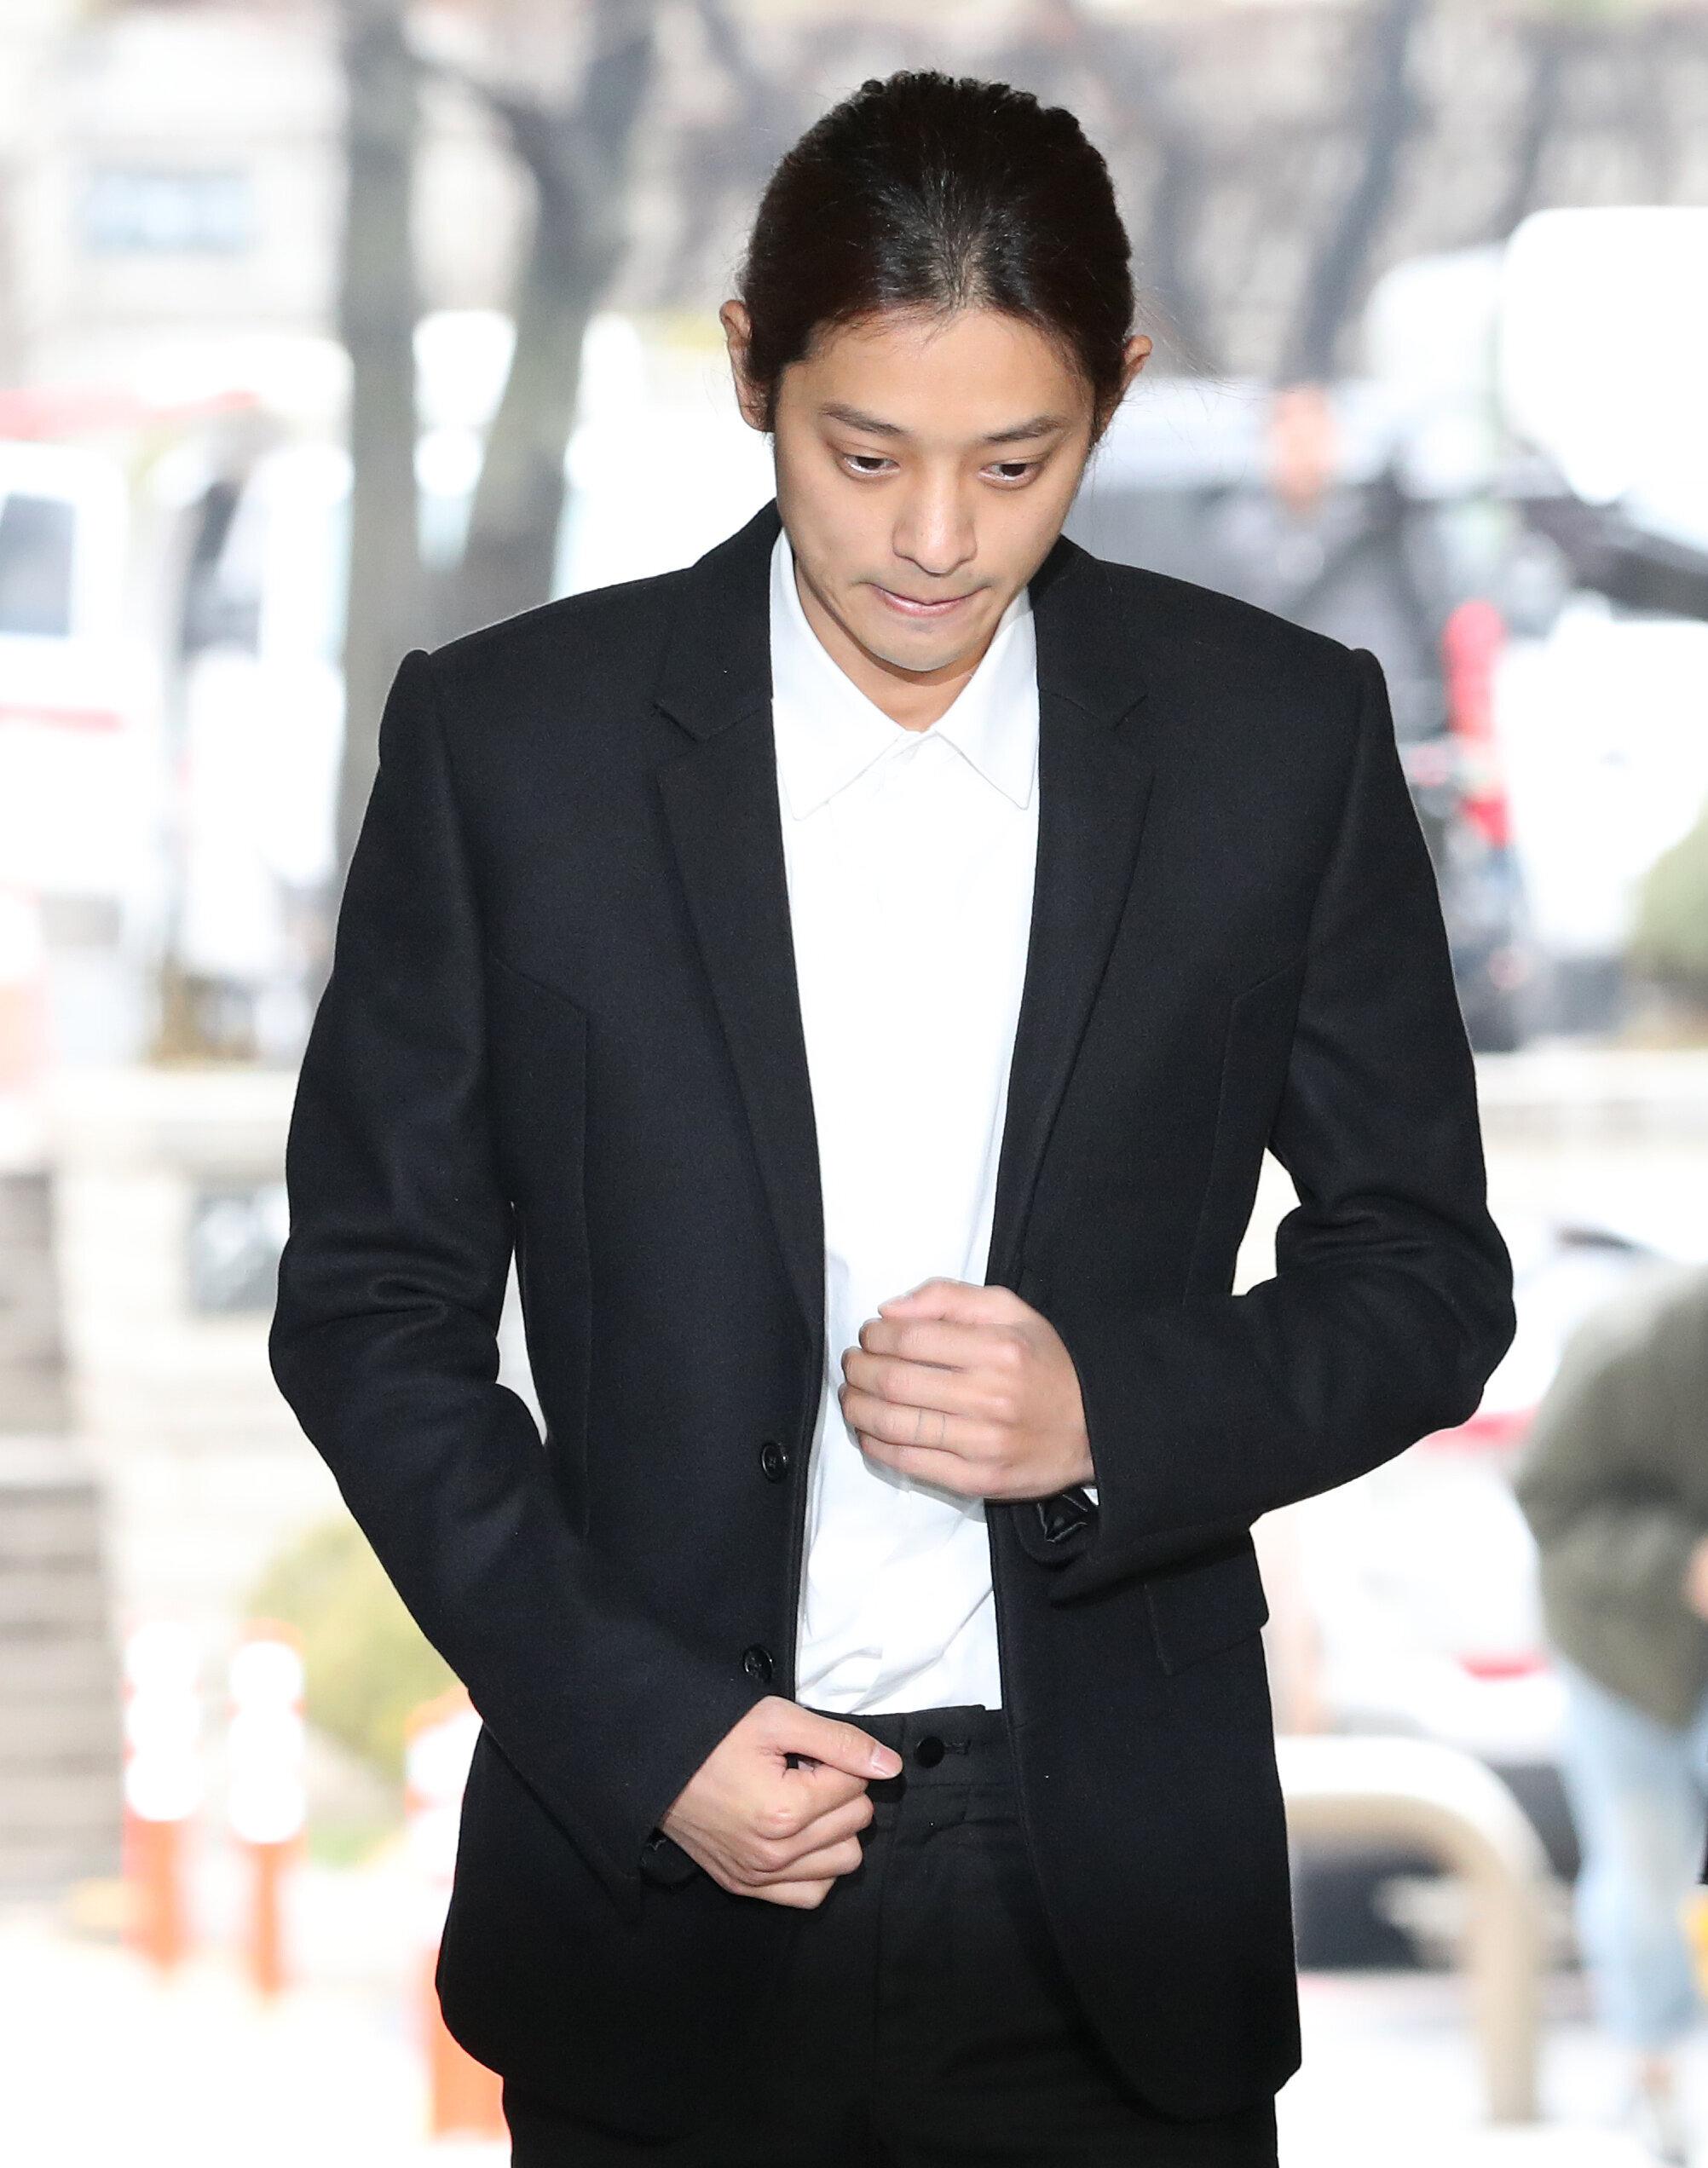 연예인·클럽MD·대기업 사장 아들 등 '단톡방 불법촬영' 사건에 경찰이 수사에